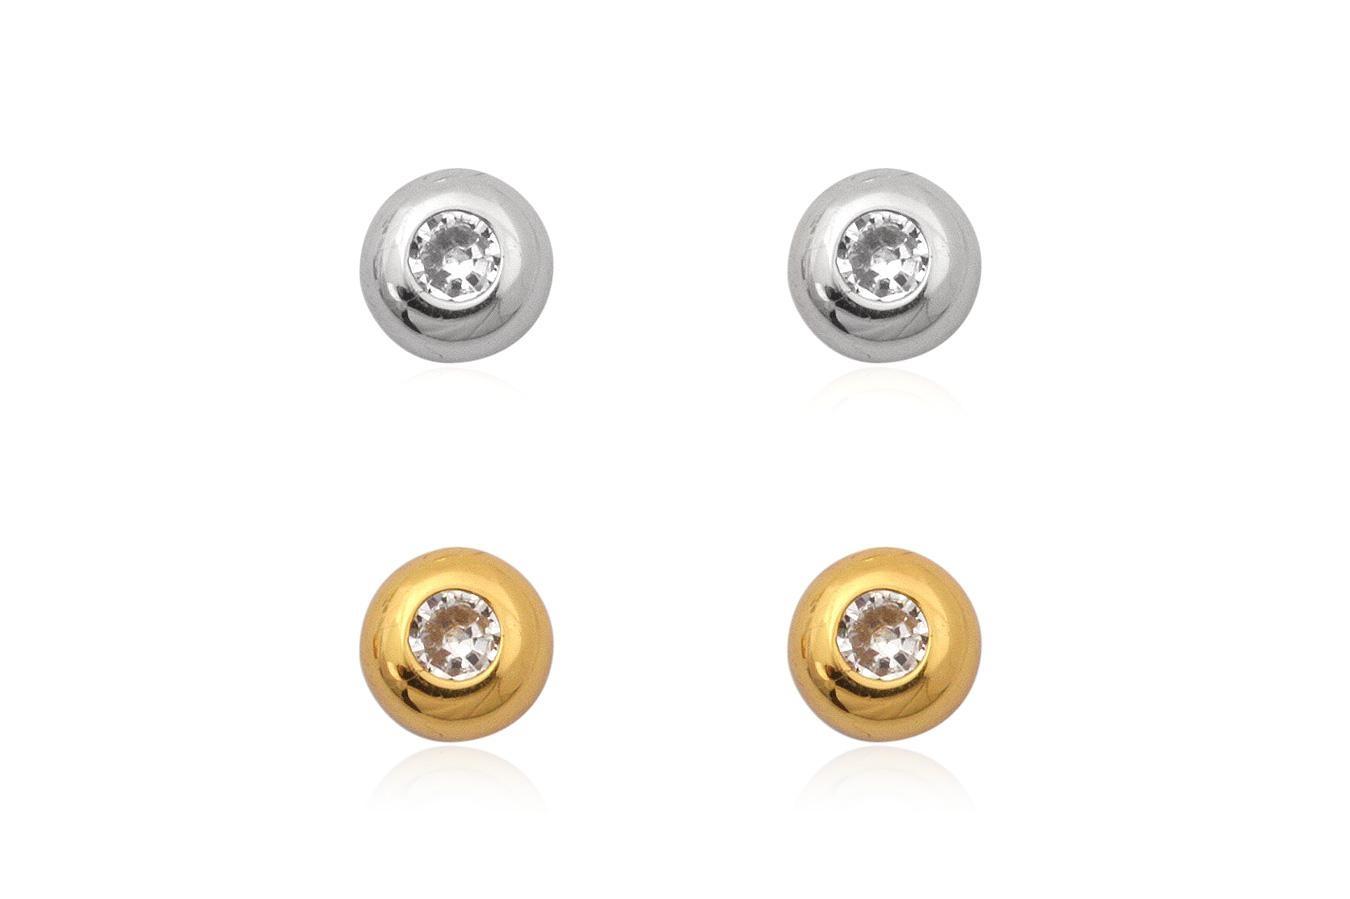 Zilver en goud op zilver setje oorknopjes witte zirkoon-1